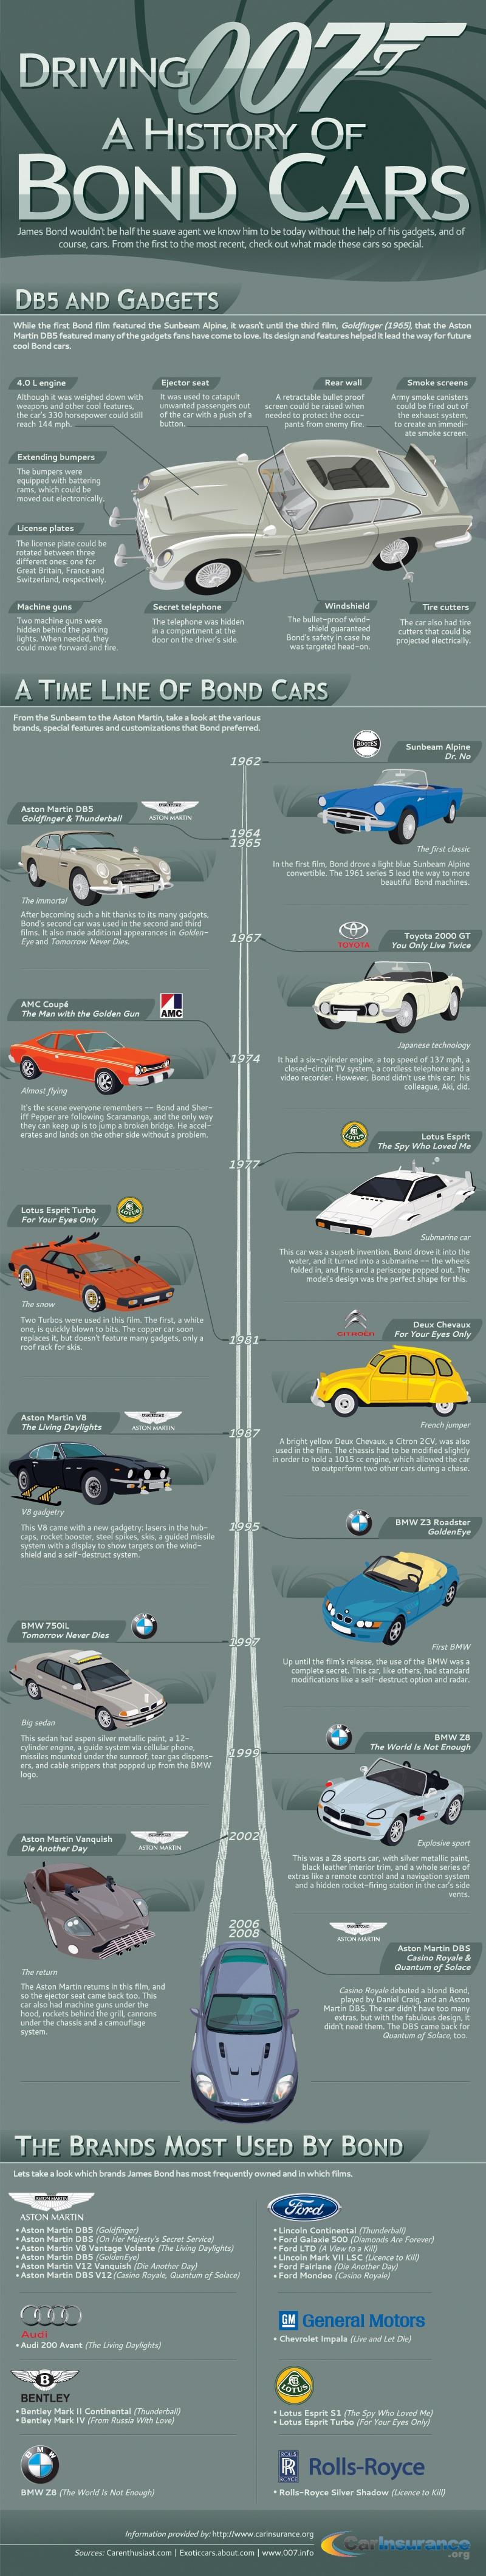 Voitures Bond - Les voitures de James Bond en 1 image